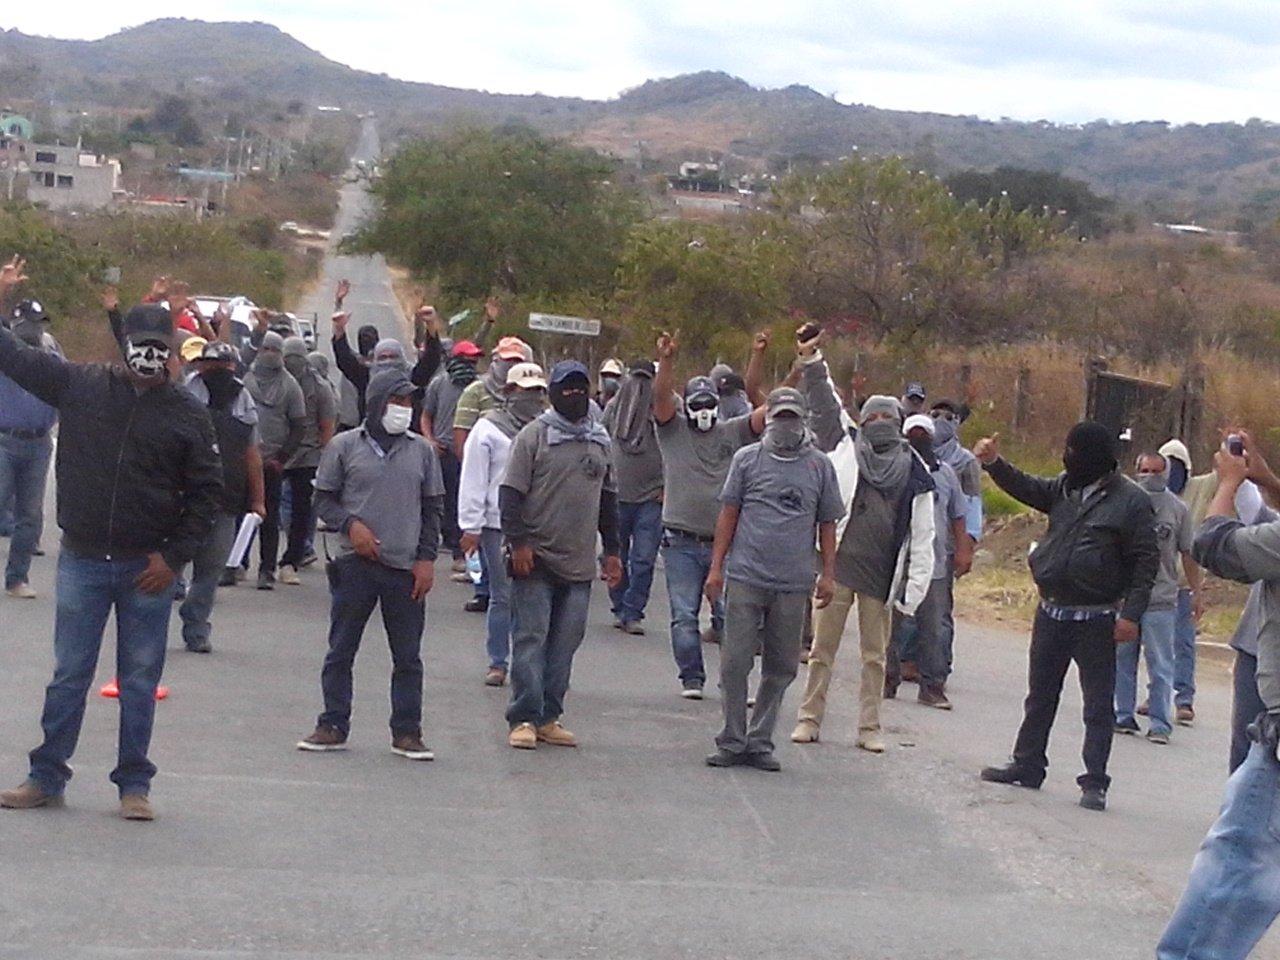 Al parecer los comunitarios recibieron notificaciones de que en localidades cercanas había presencia de hombres armados